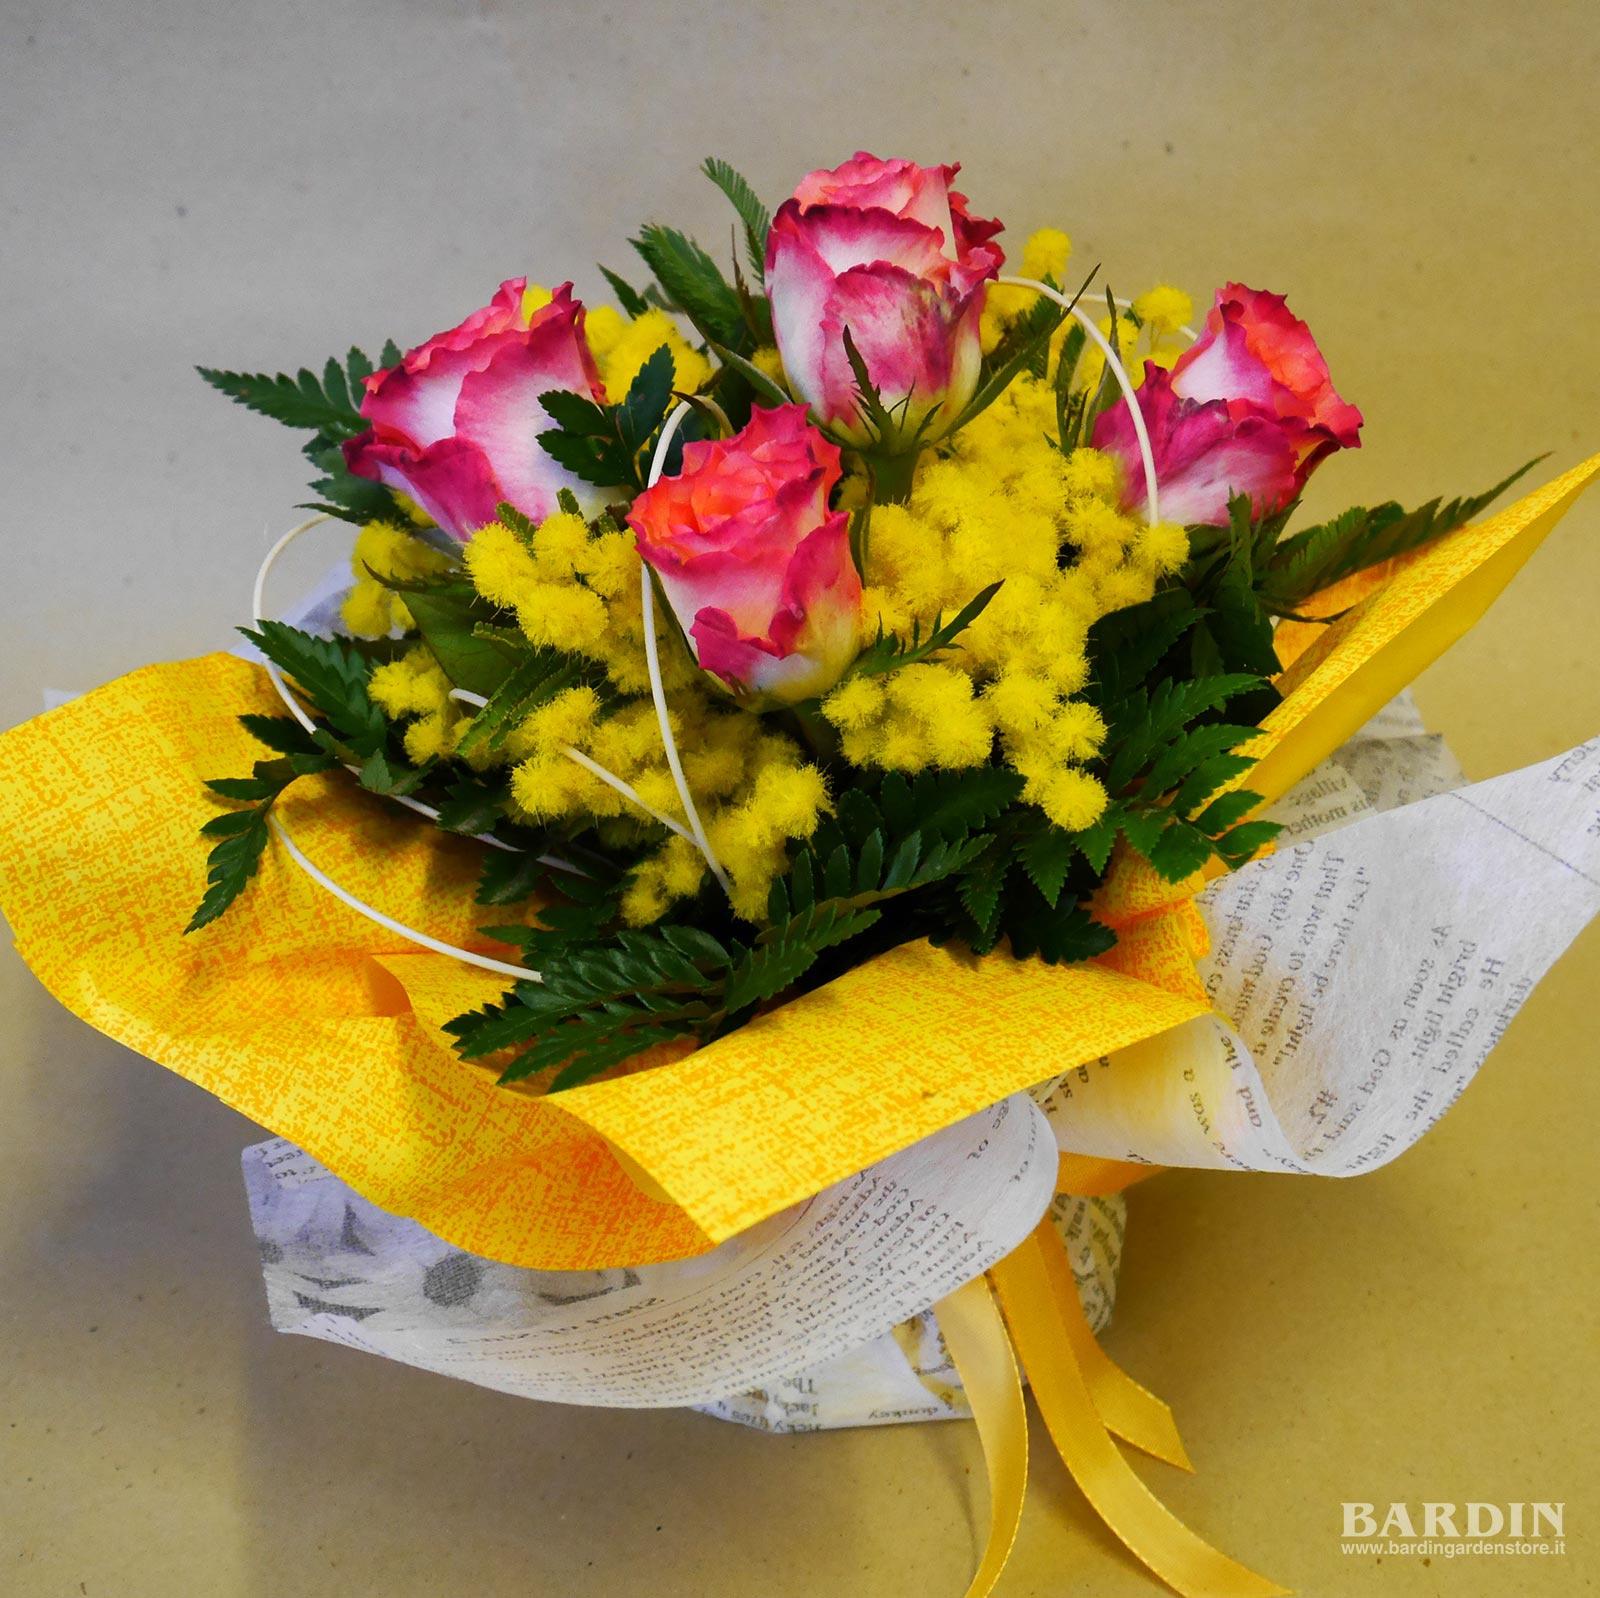 Mazzo Di Fiori Con Mimose.Mazzo Di Fiori Rose Con Mimosa Bouquet Eshop Bardin Gardencenter